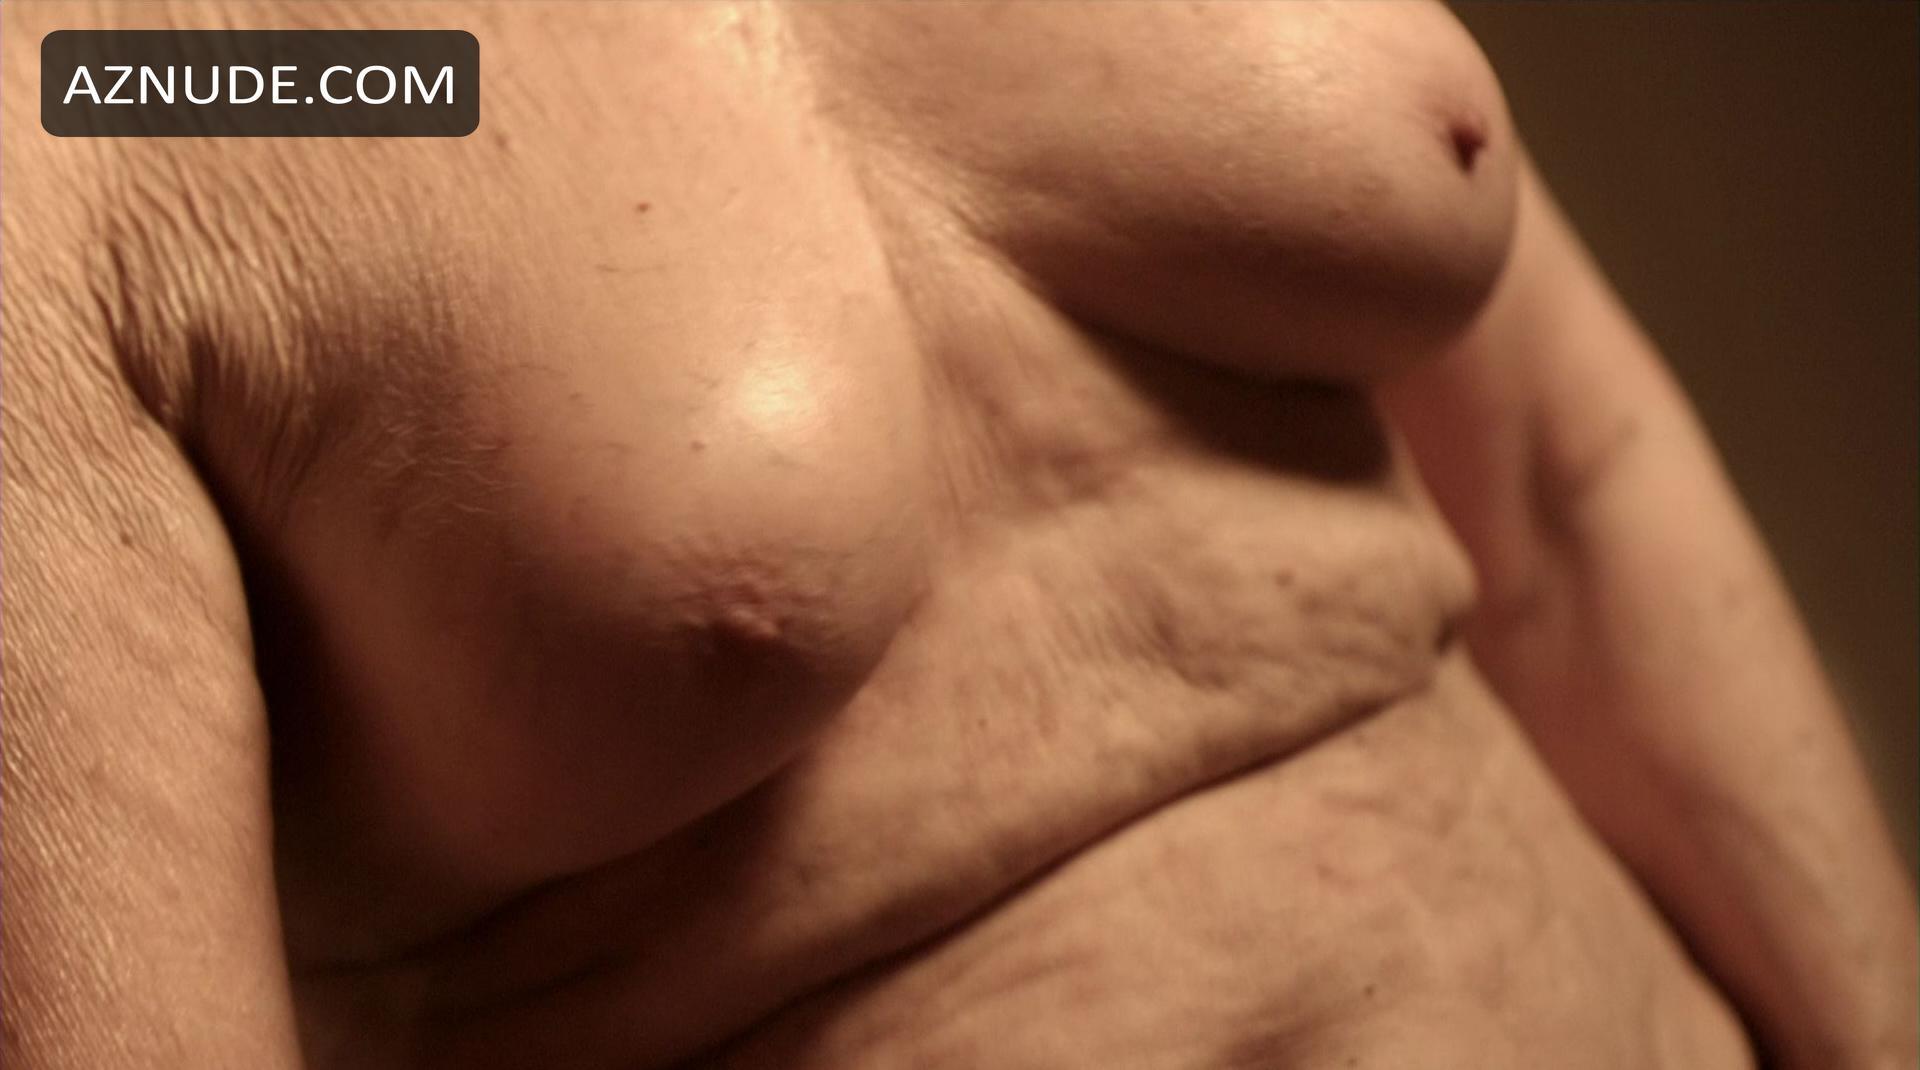 clare thomas nude